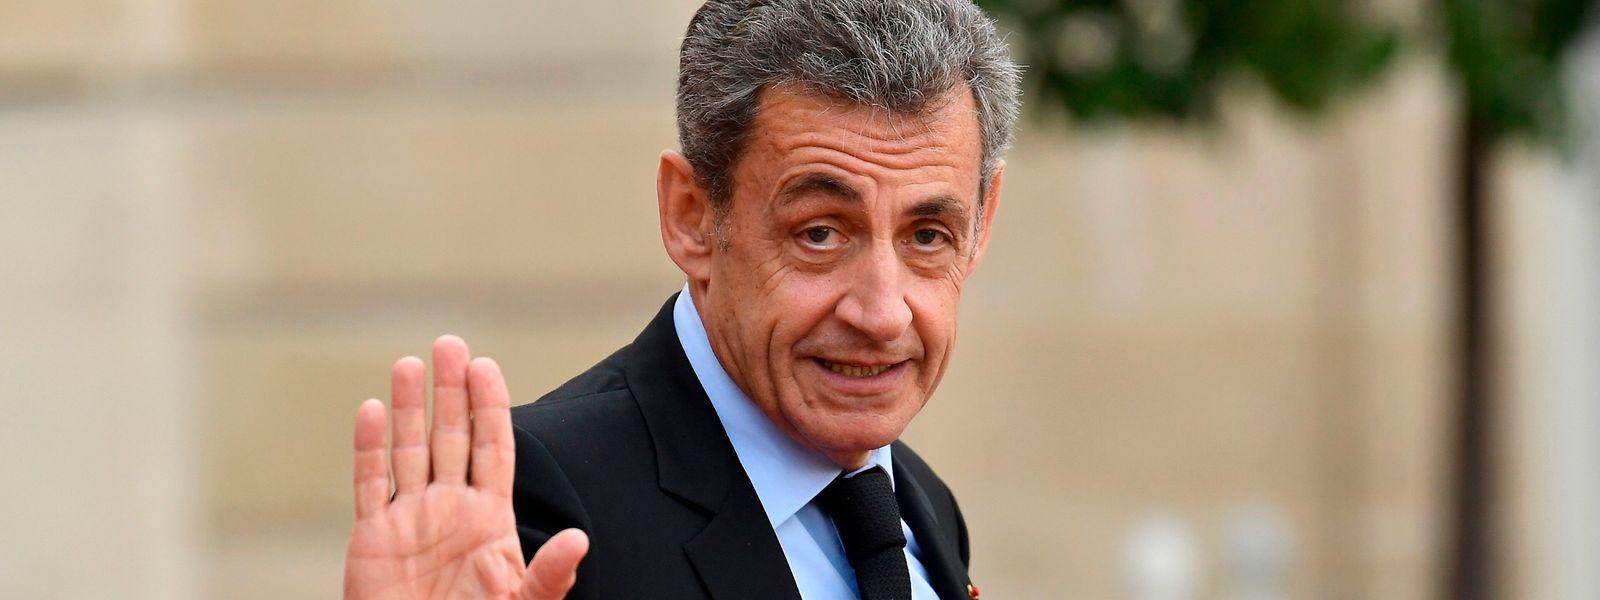 Huit ans après avoir quitté l'Elysée, Nicolas Sarkozy reste toujours dans l'actualité, passant allègrement de la rubrique politique à la chronique littéraire maintenant.